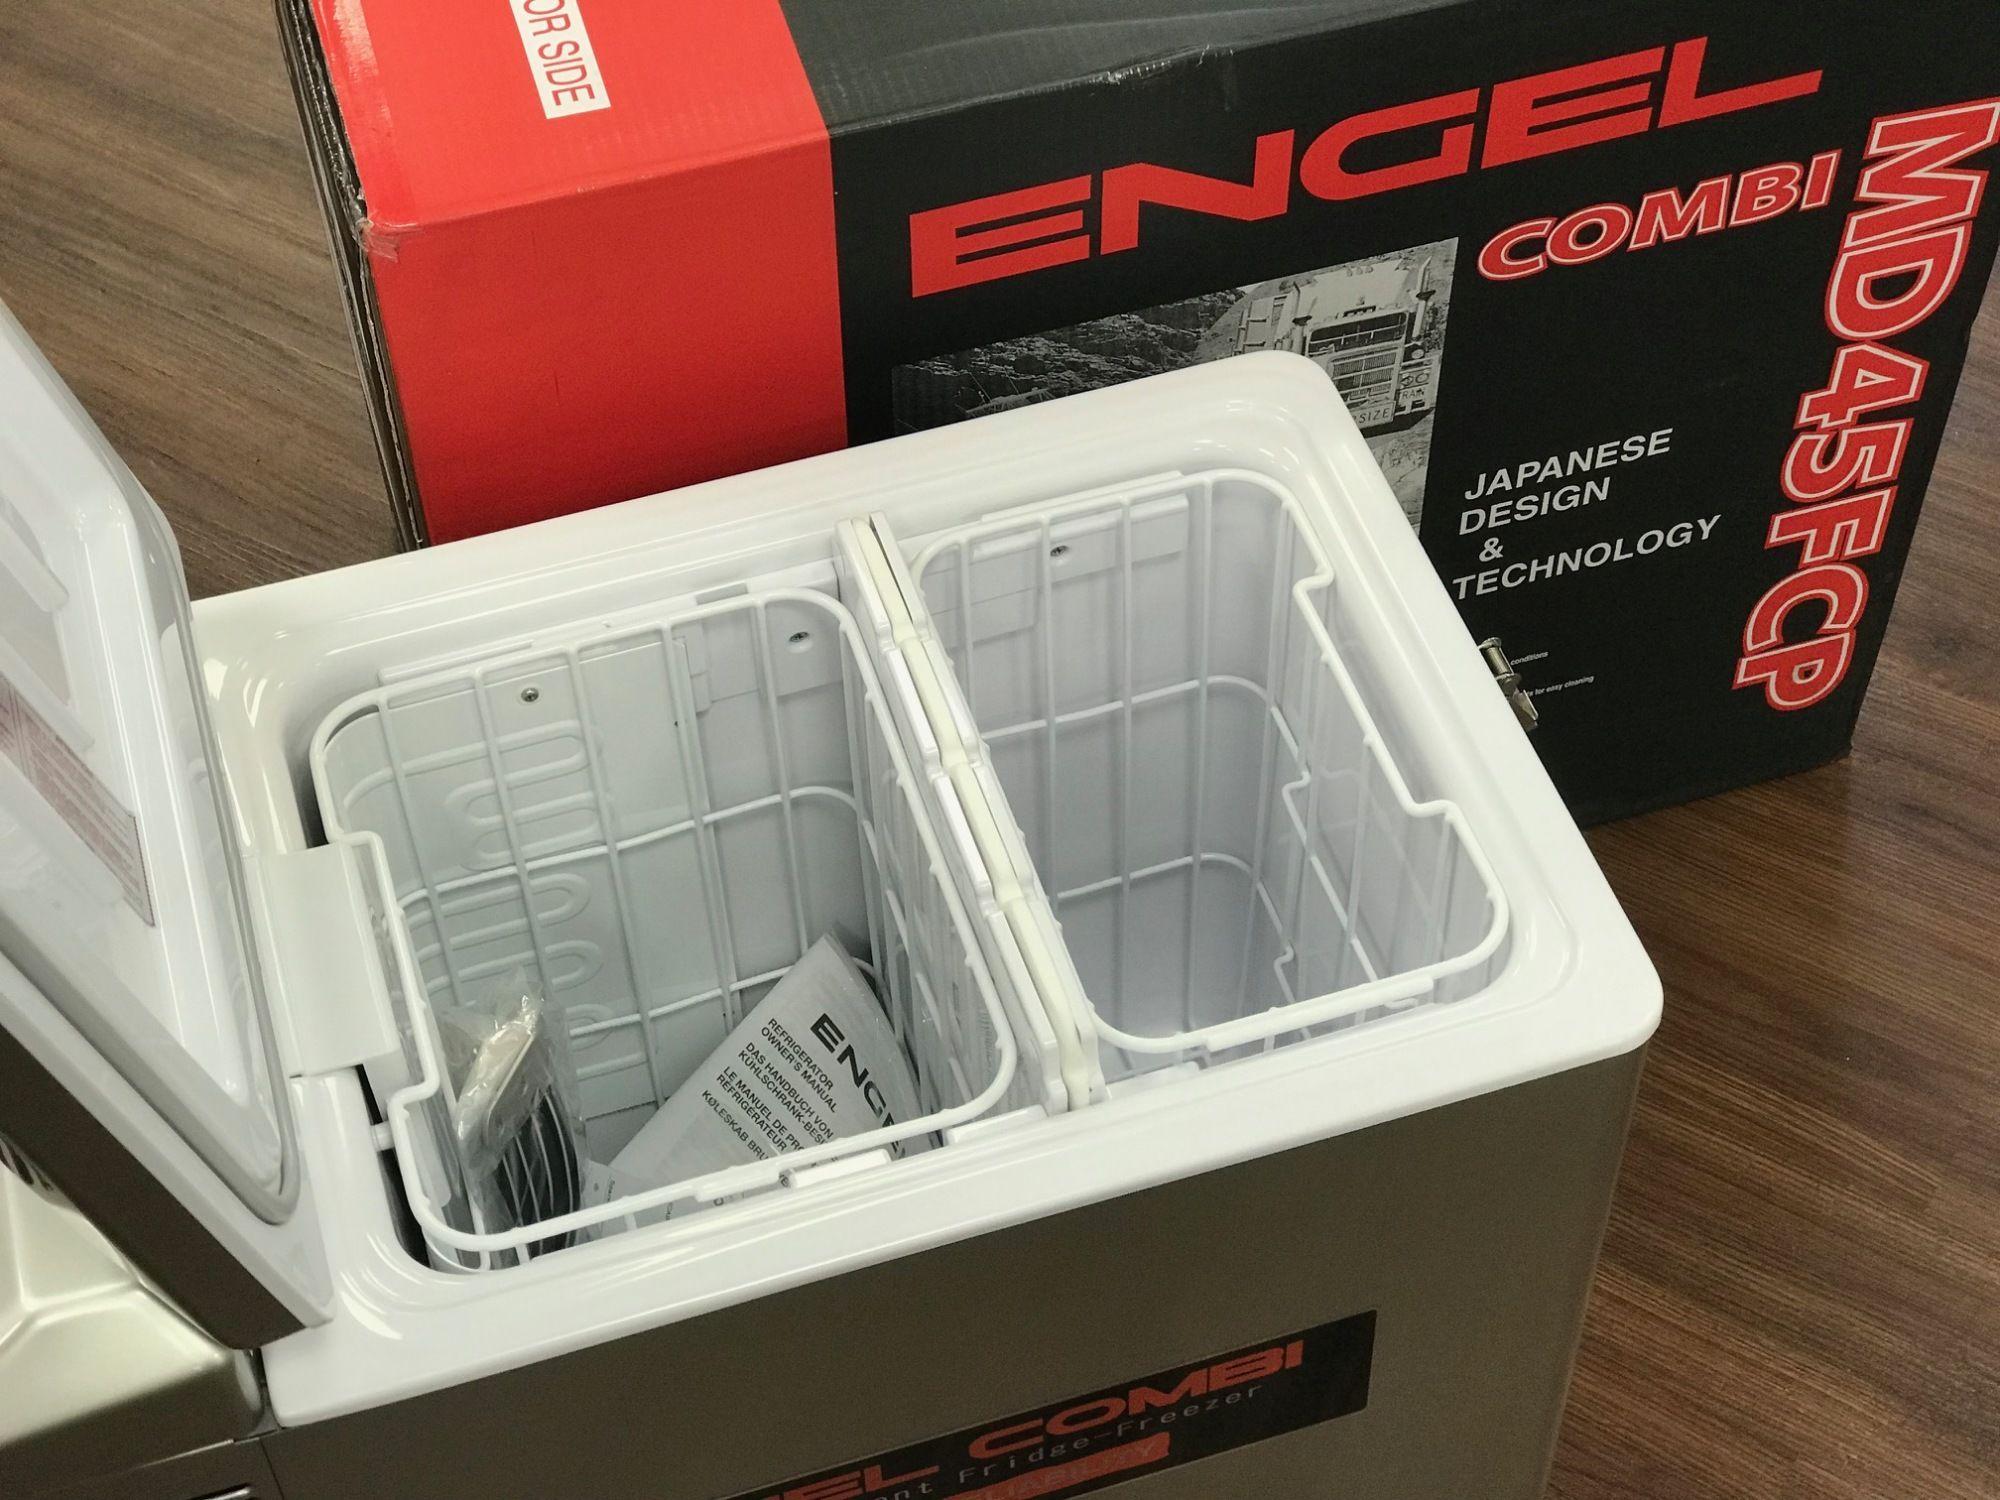 Engel MD MT 45 F CP Kühlbox mit Kühl und Gefrierfach inkl  Scharniersicherung Kompressor Kühlbox 40 Liter 15+25 für 889,99 EUR (Stand:  07 09 2019)